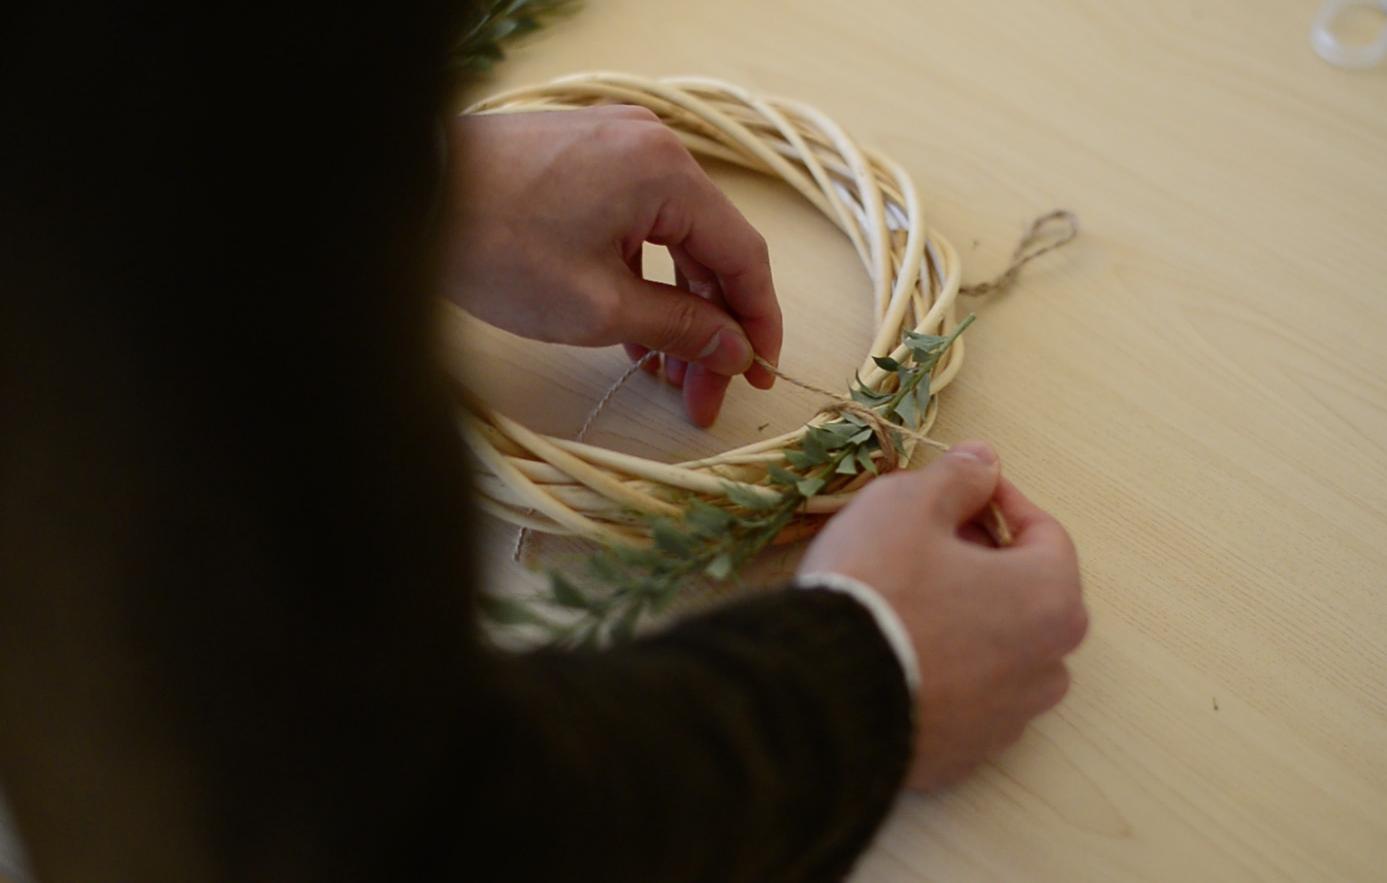 リースを作るときは同じ向きの流れに沿って作っていくときれいな形に。今回は葉の先端が時計回りに見えるようにリース台につけていきます。。  まずは茎の下部分を麻ひもで止めます。麻ひもの部分が隠れるように、次の葉を上に乗せていきます。